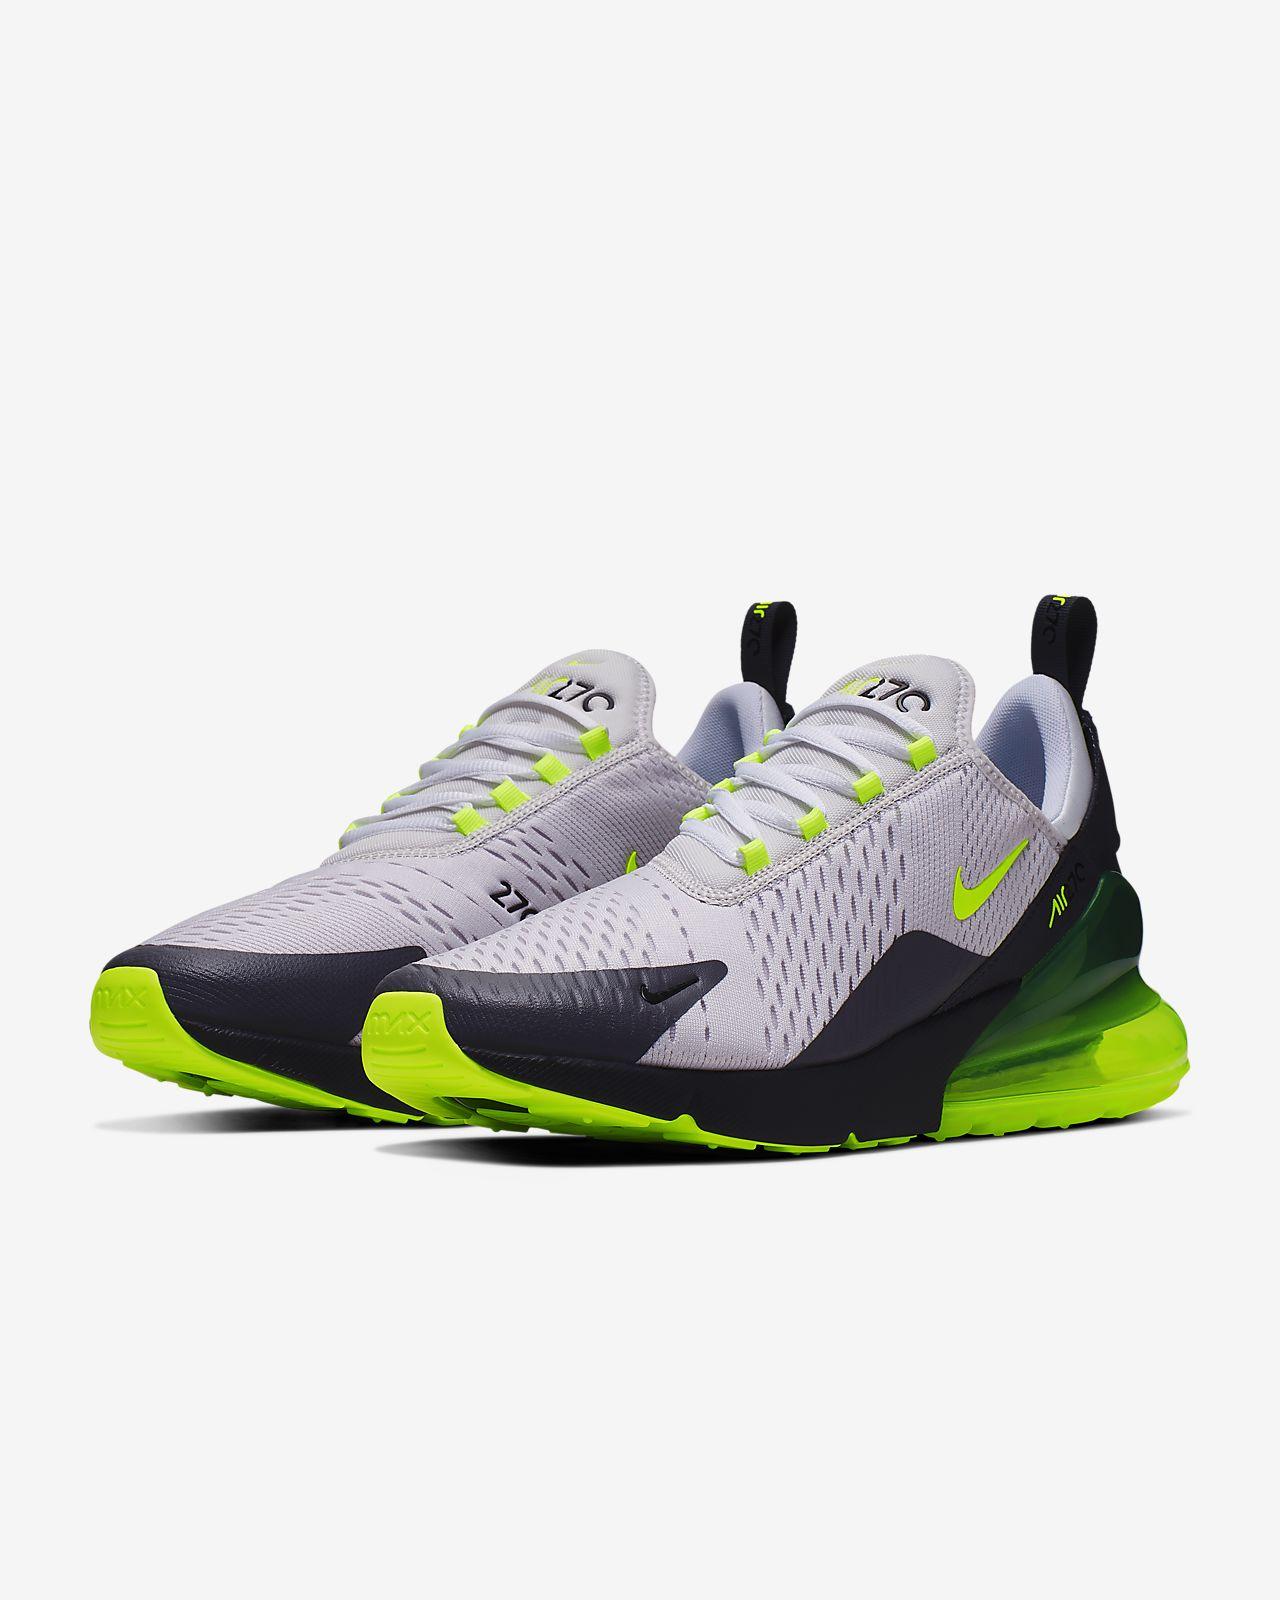 nike sneakers air max 270 uomini